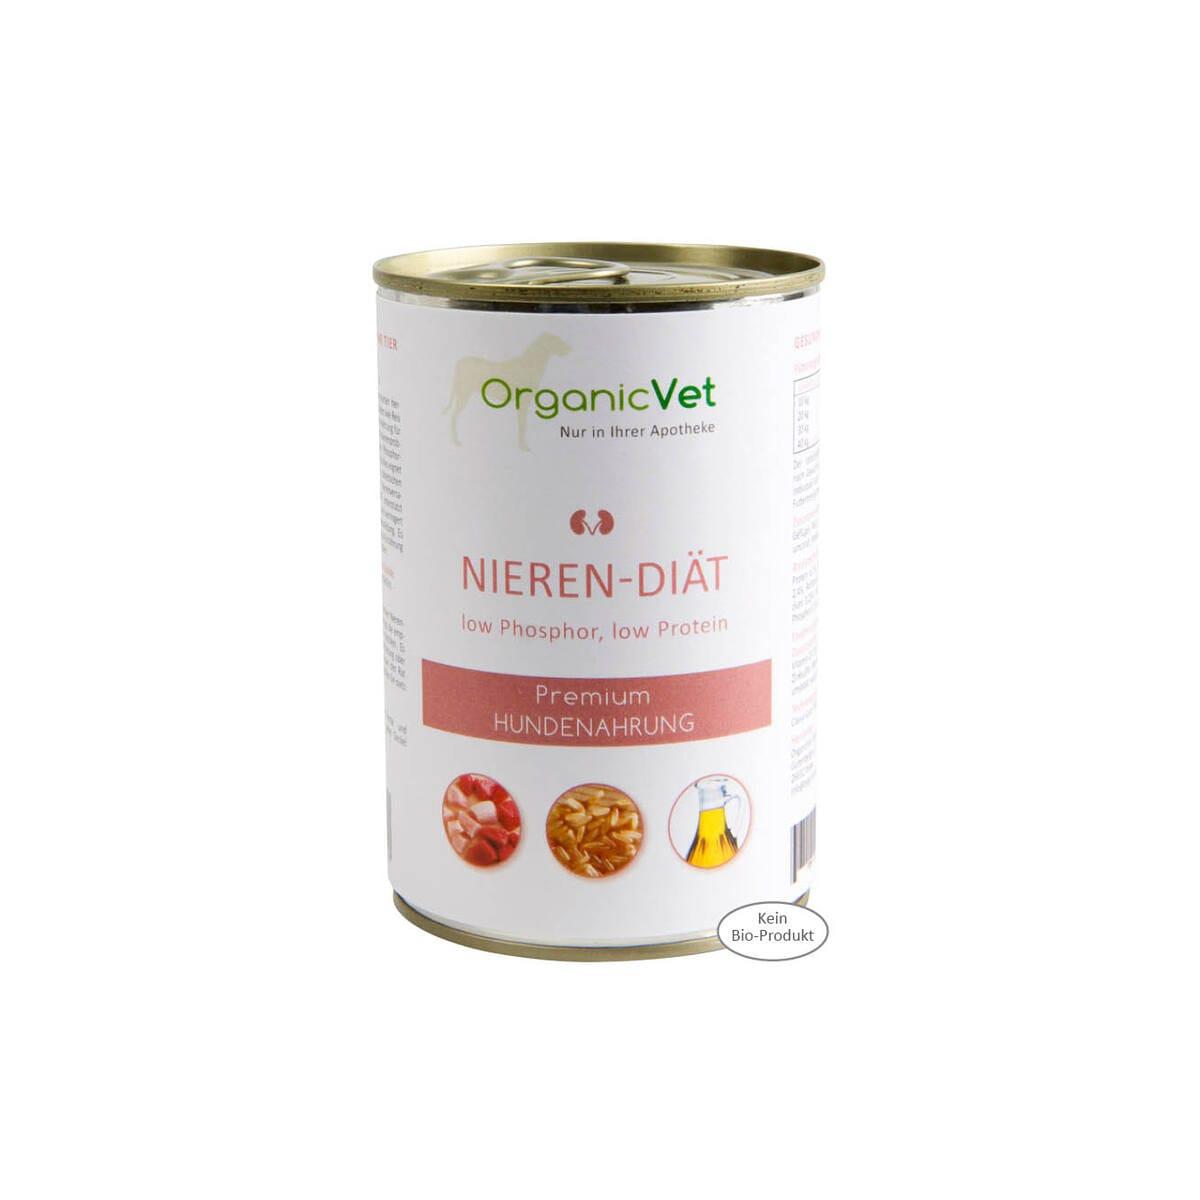 OrganicVet - NIEREN-DIÄT 6 x 400 g - null